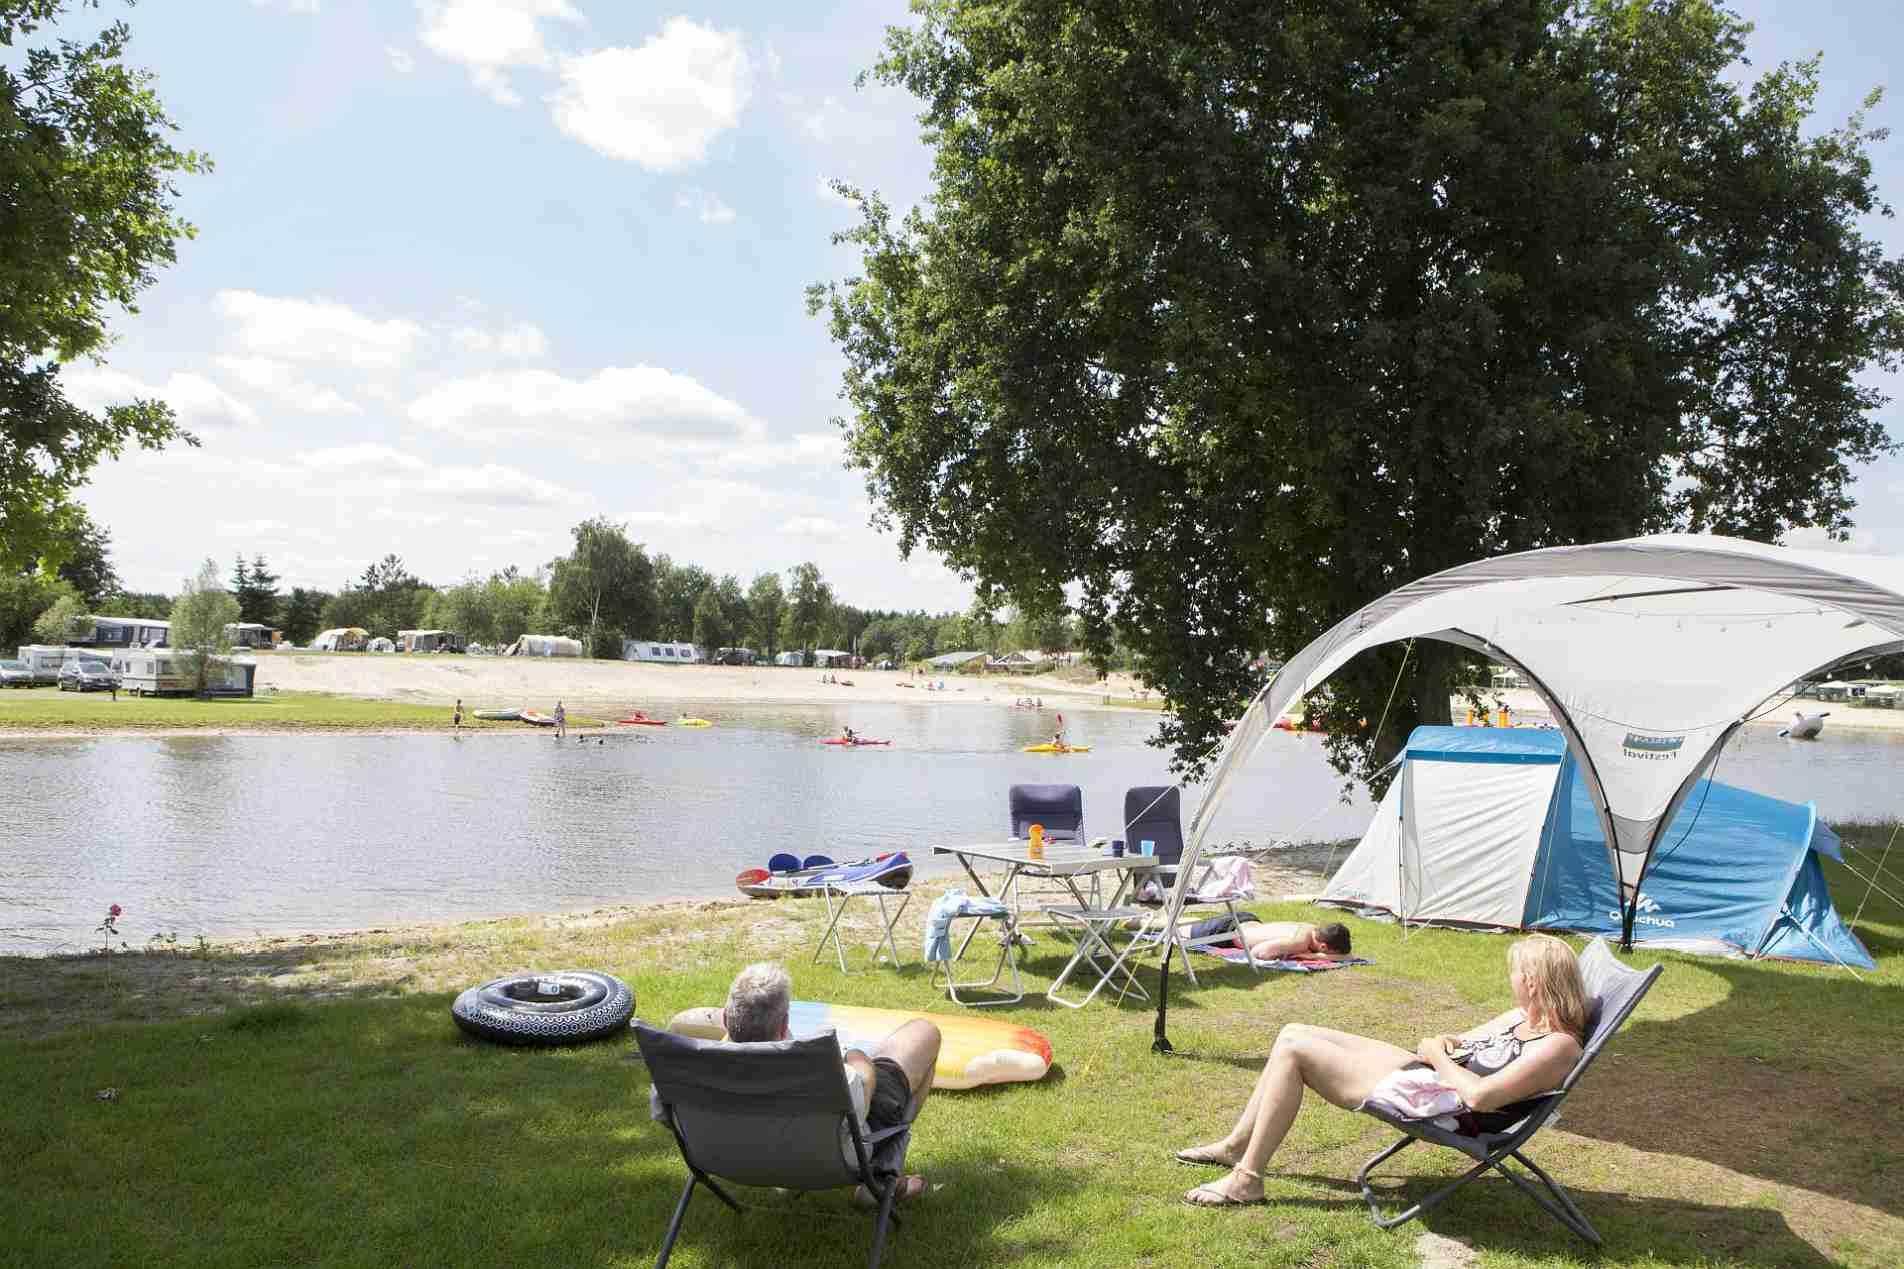 Kindvriendelijke camping in Overijssel - kindvriendelijke camping in Overijssel